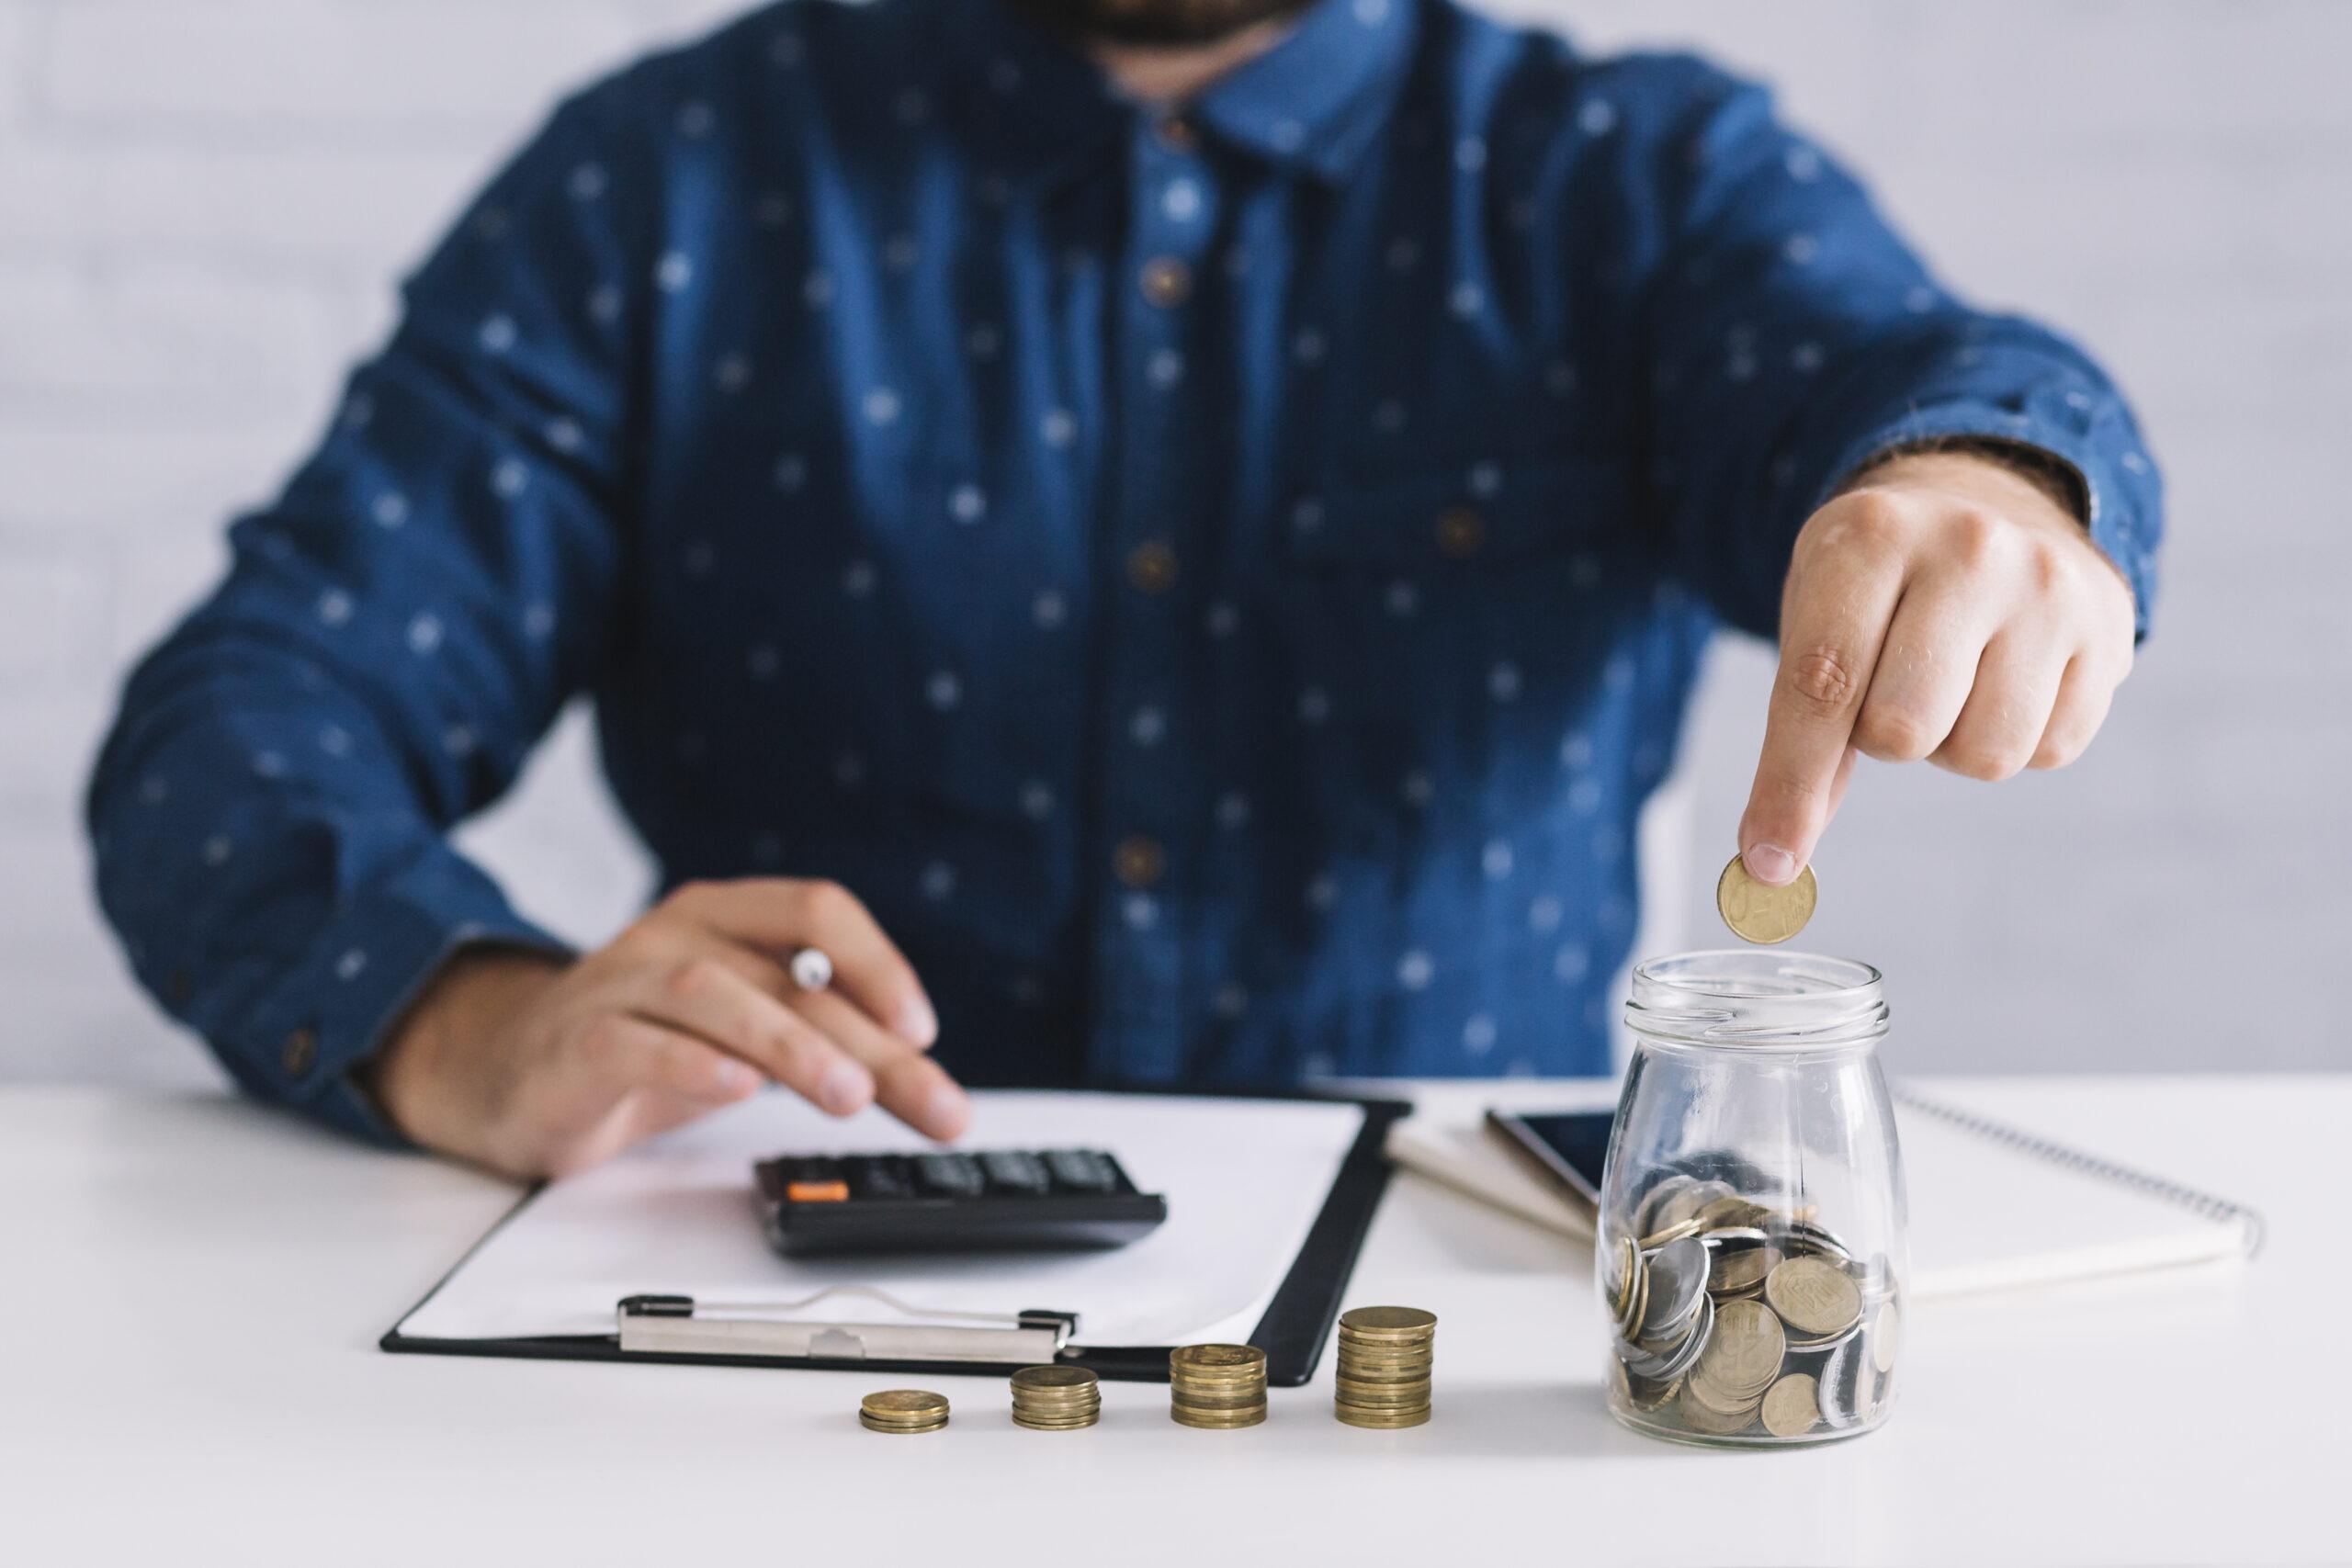 Homem calculando e inserido moedas em um pote